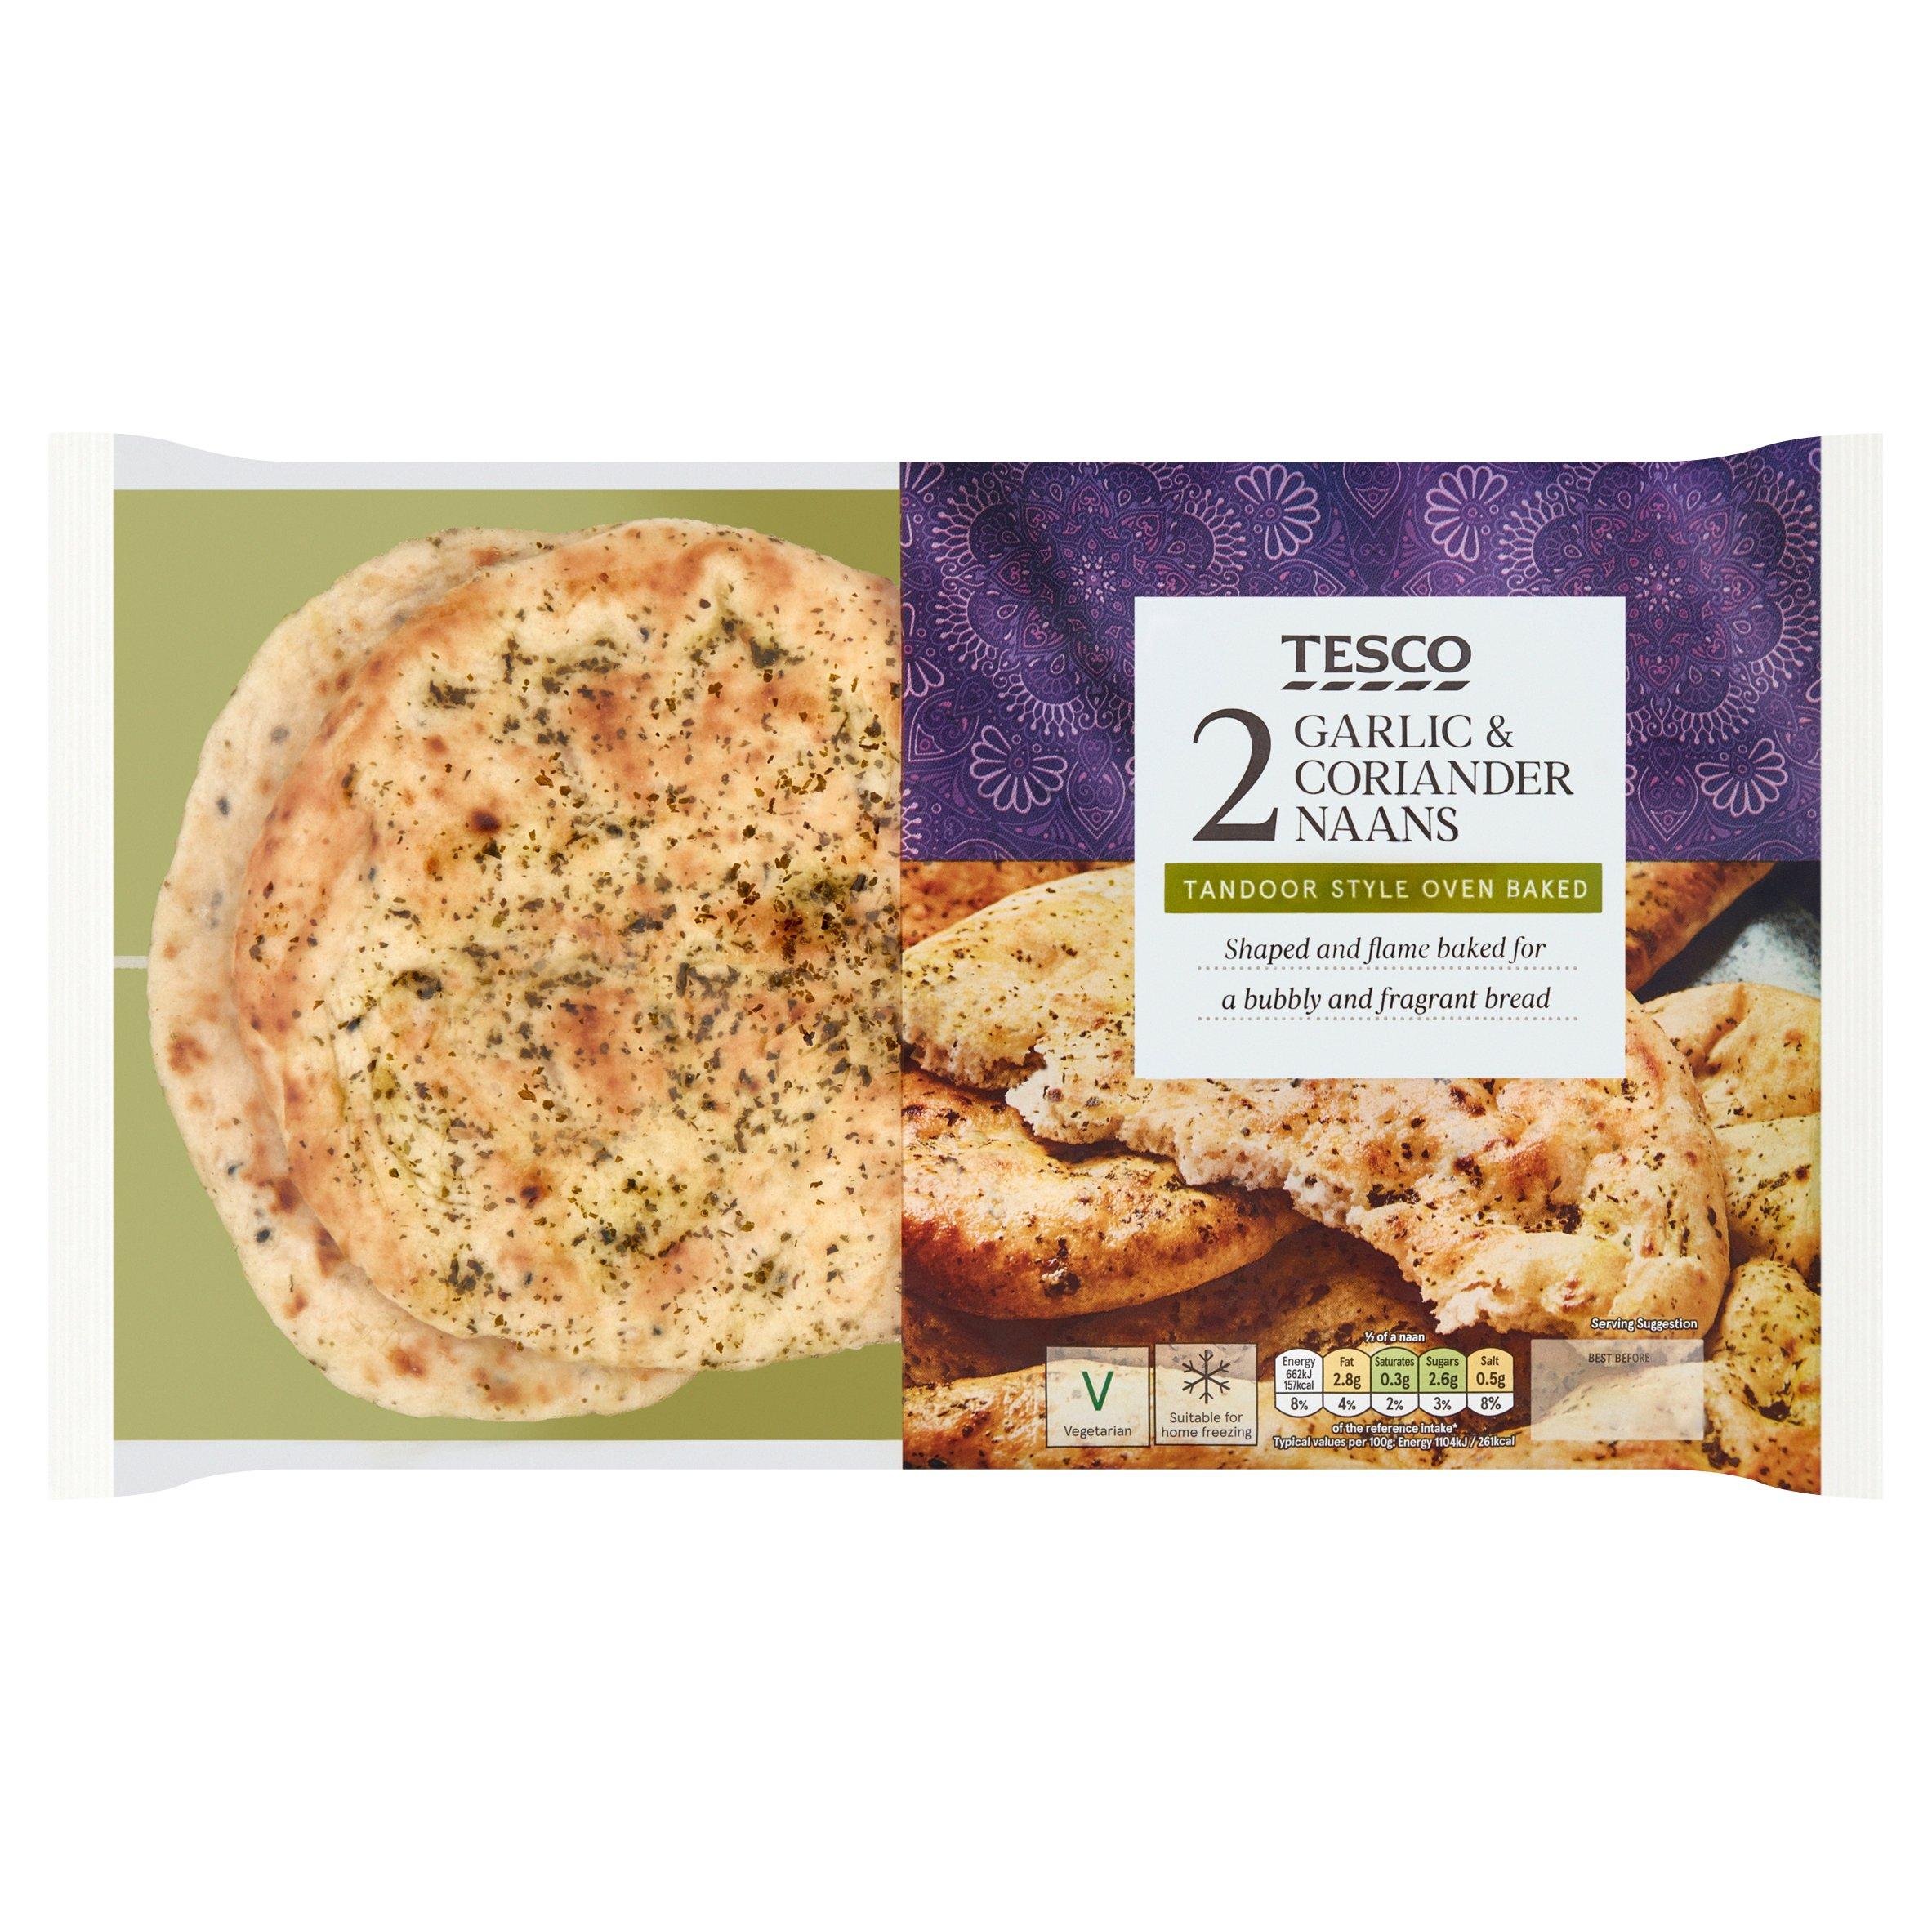 Tesco 2 Garlic & Coriander Naan